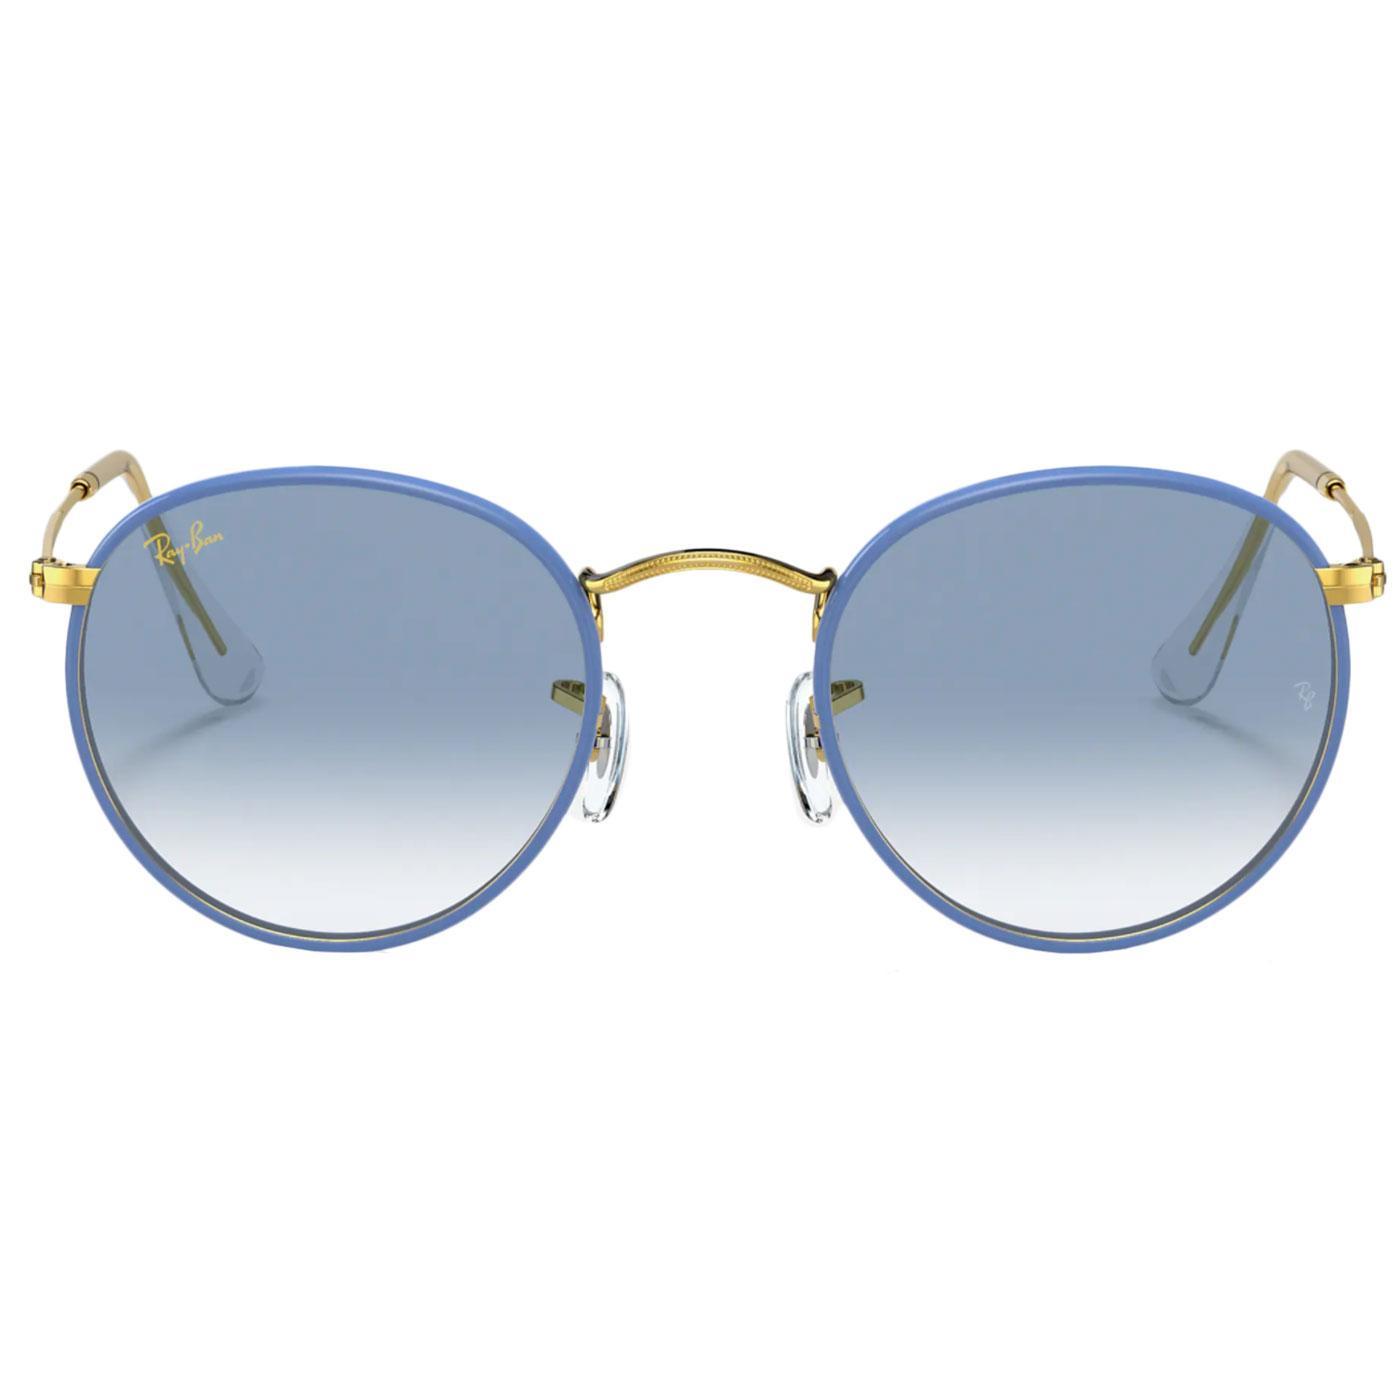 RAY-BAN Round Full Colour Retro 60s Sunglasses Bl